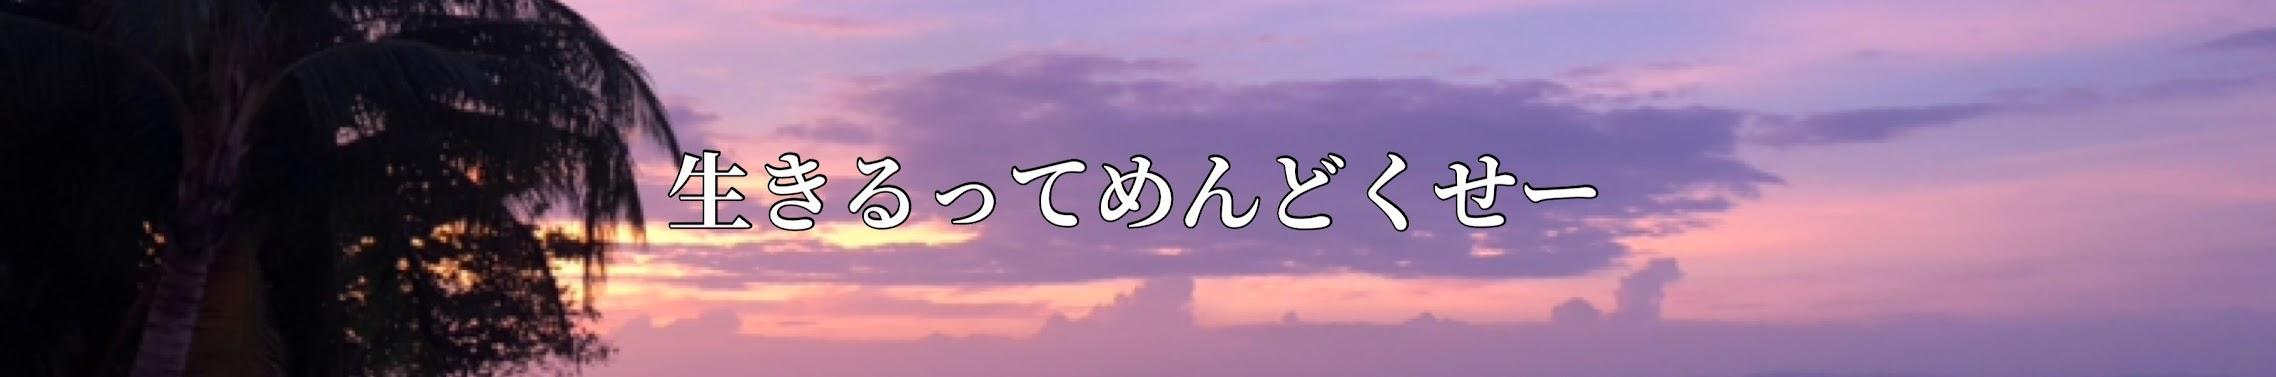 バー ユーチュー ふみ ちゃん